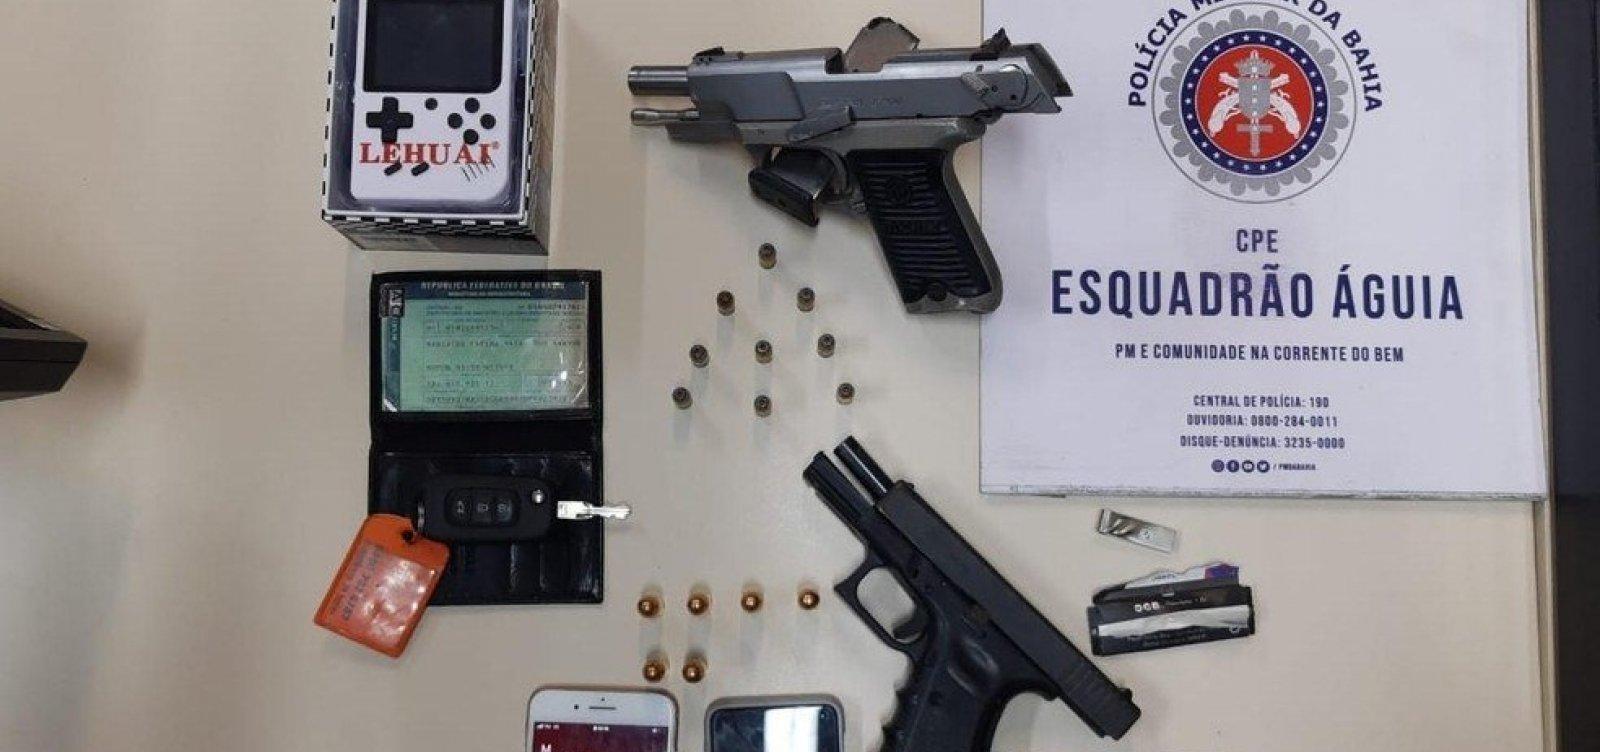 [Nove armas de fogo são apreendidas por dia na Bahia, de janeiro a setembro de 2020]